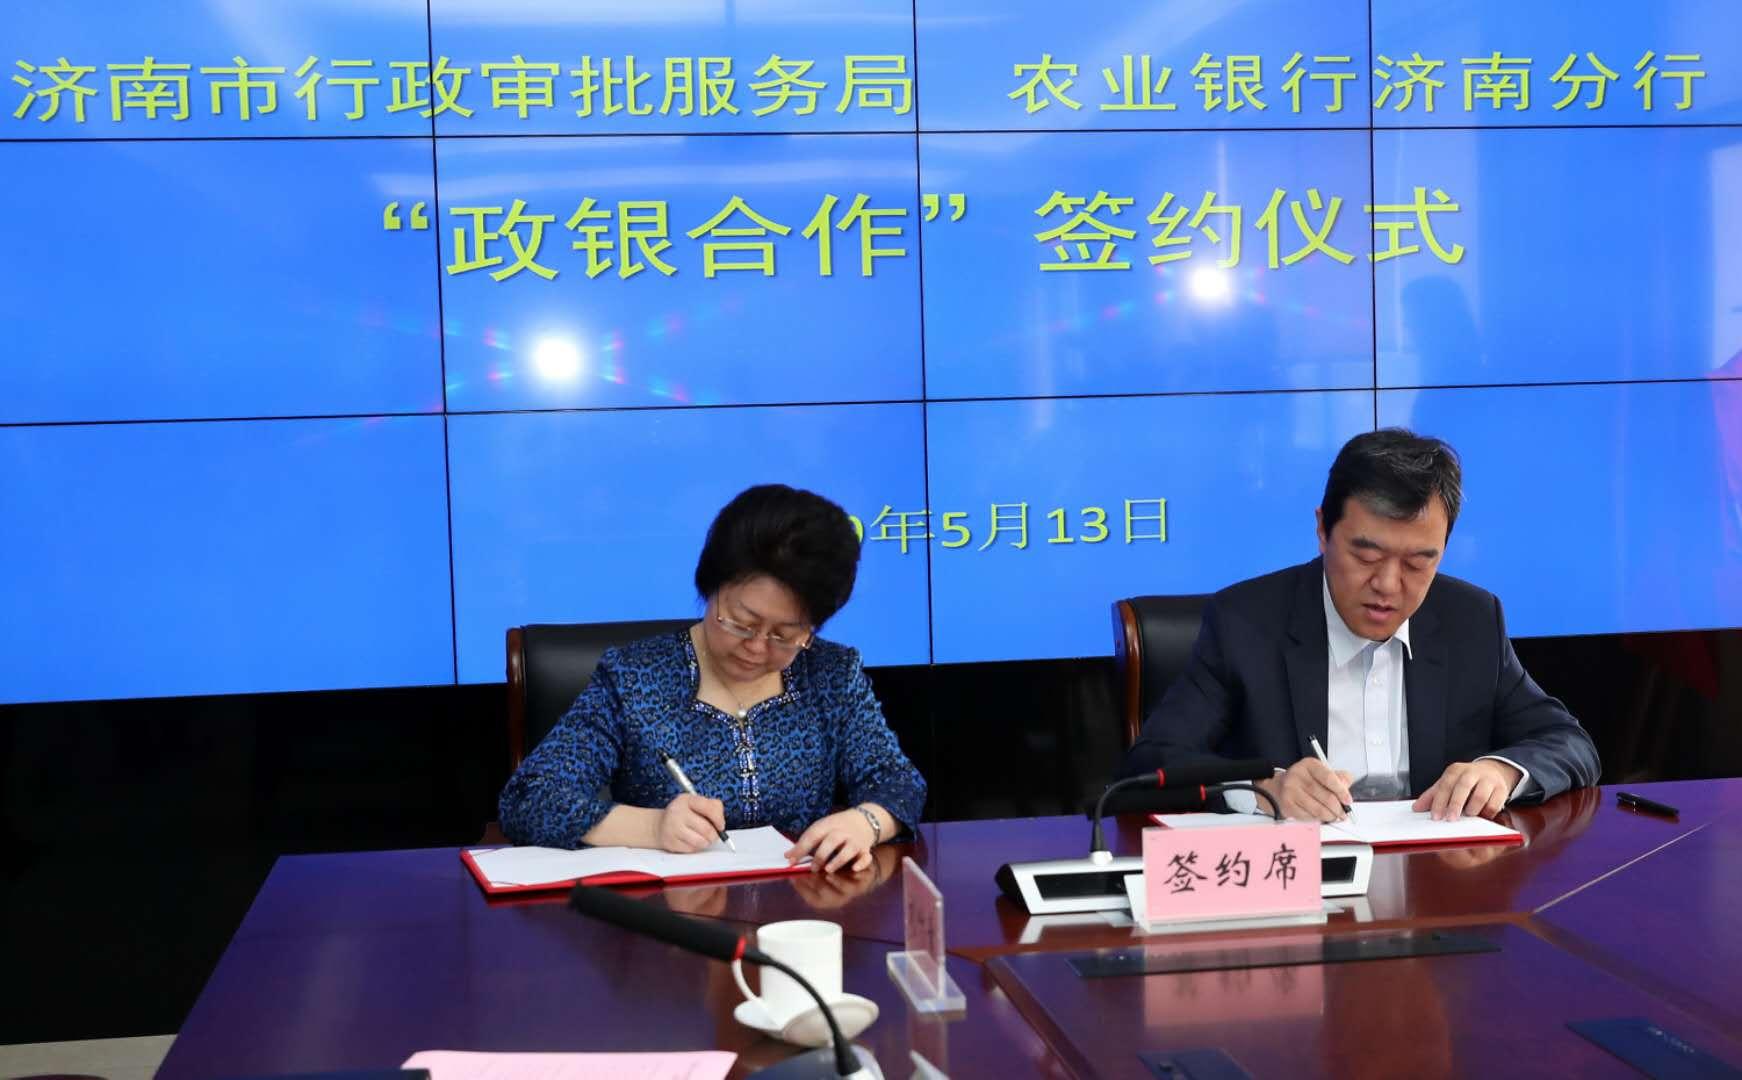 农行济南分行携手济南市行政审批服务局推进企业注册登记便利化